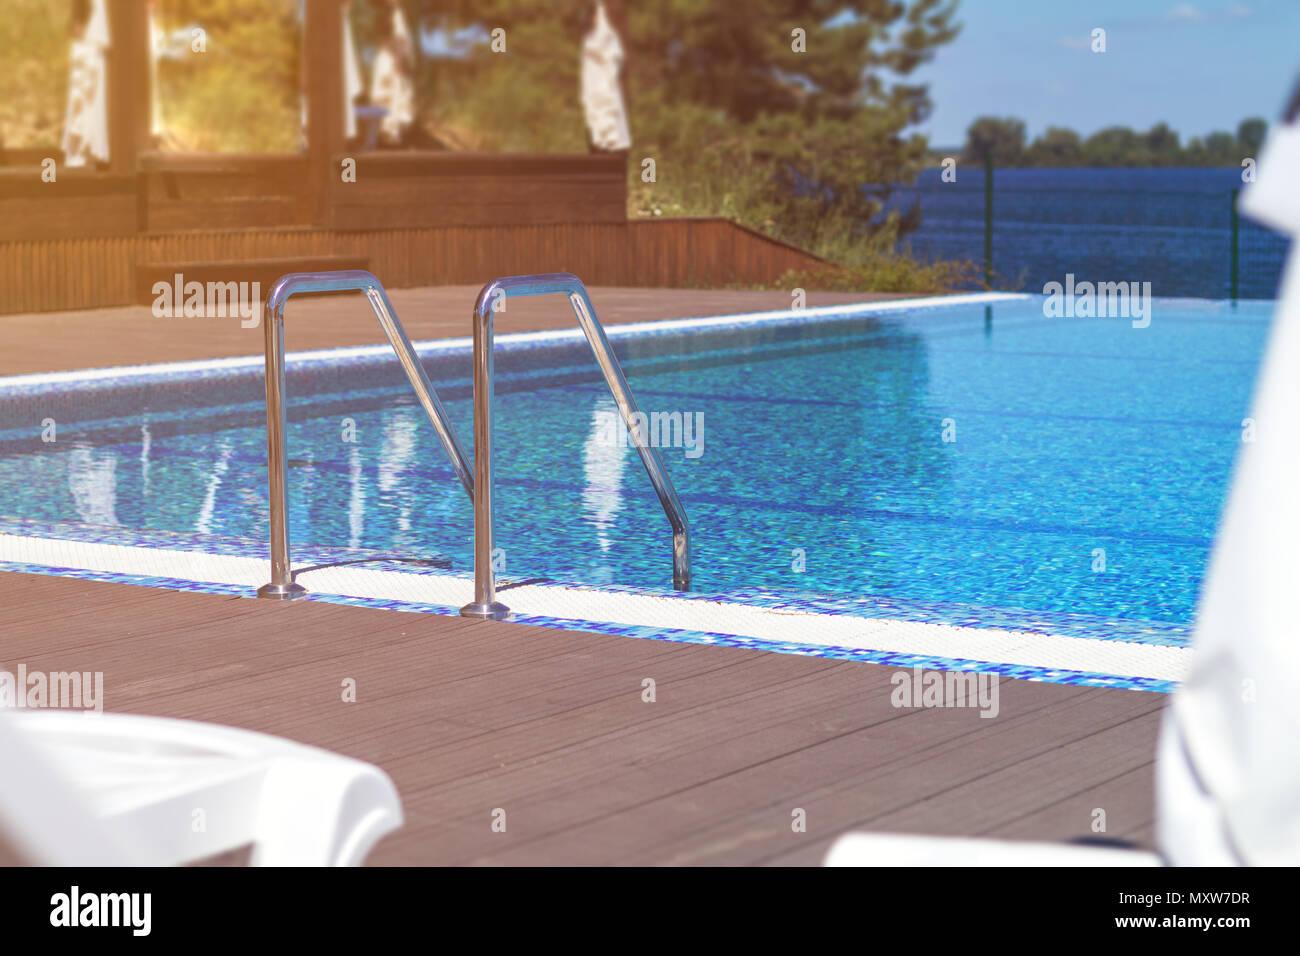 Berühmt Pool mit Treppe und die Holzterrasse im Hotel. Haltegriffe Leiter AT67